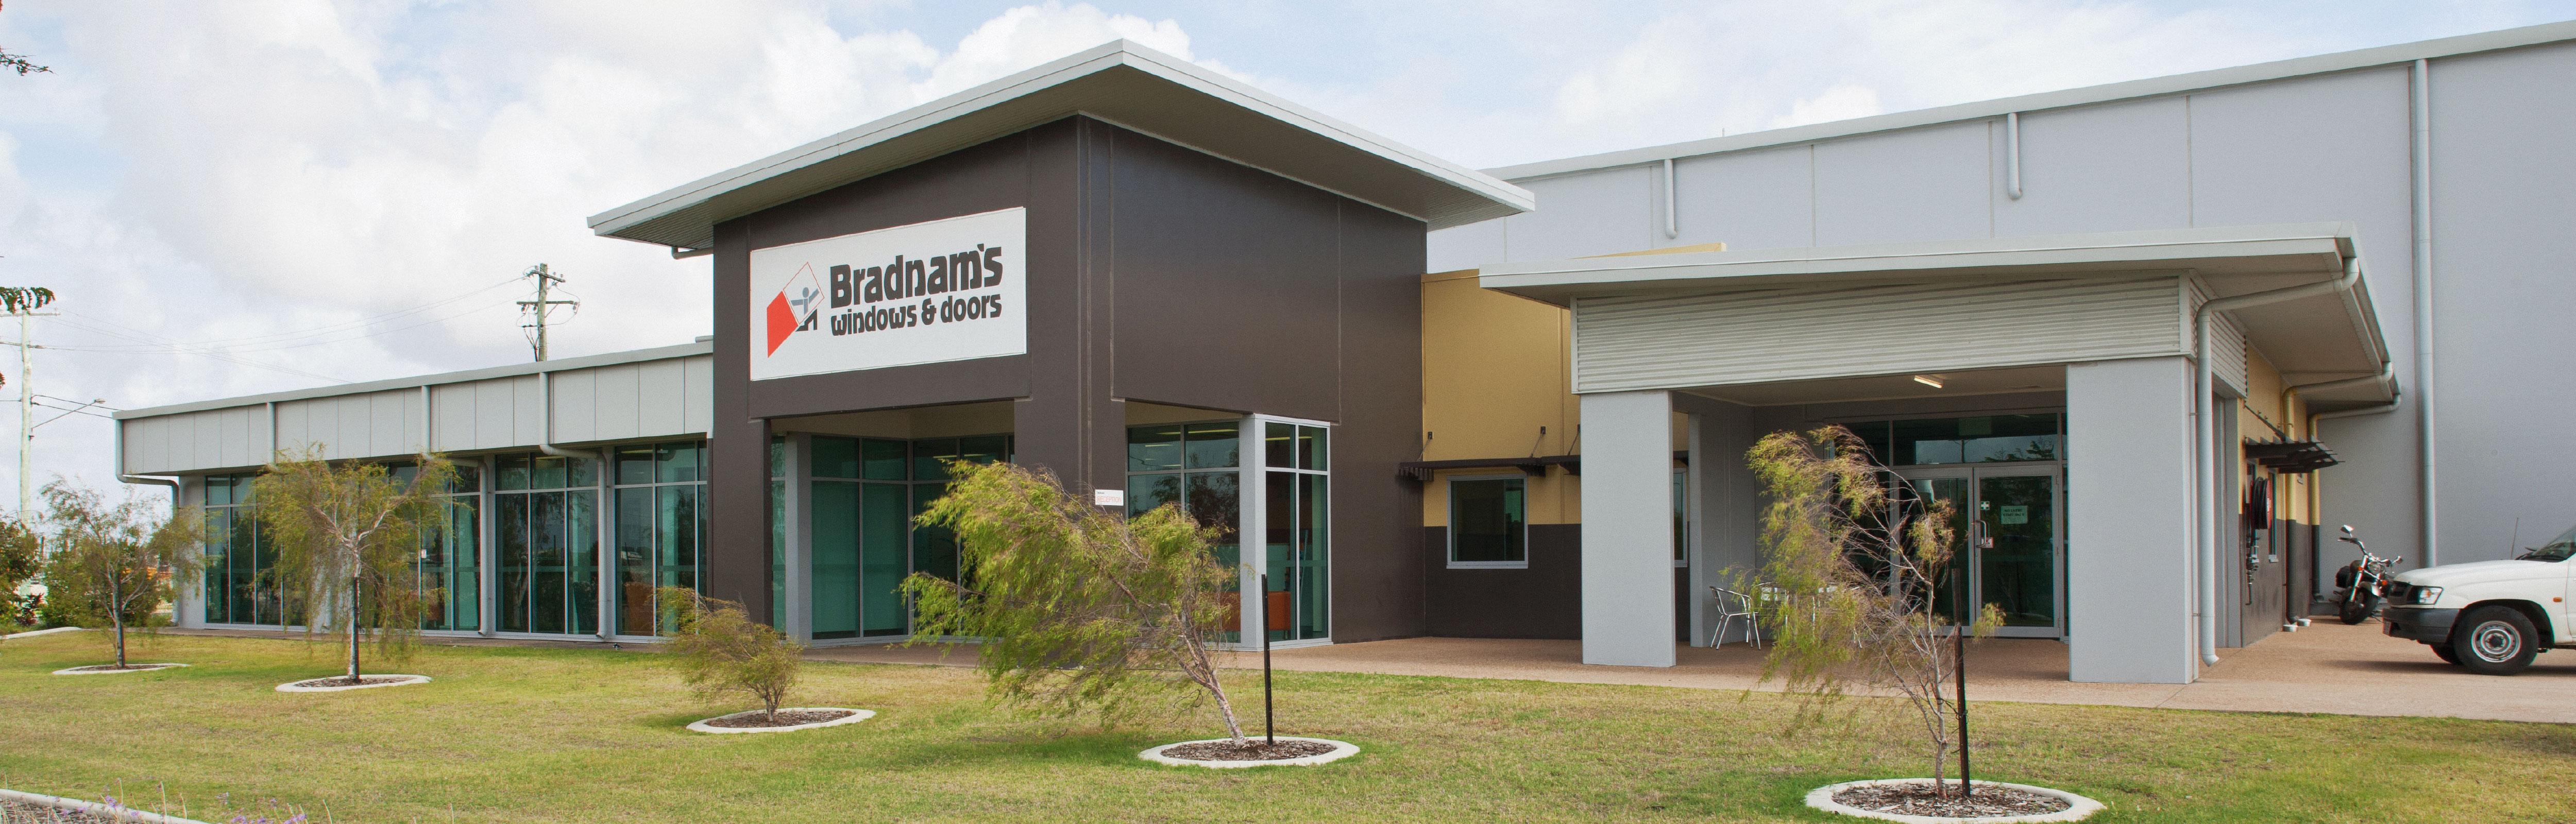 Bradnam's Windows & Doors Townsville showroom